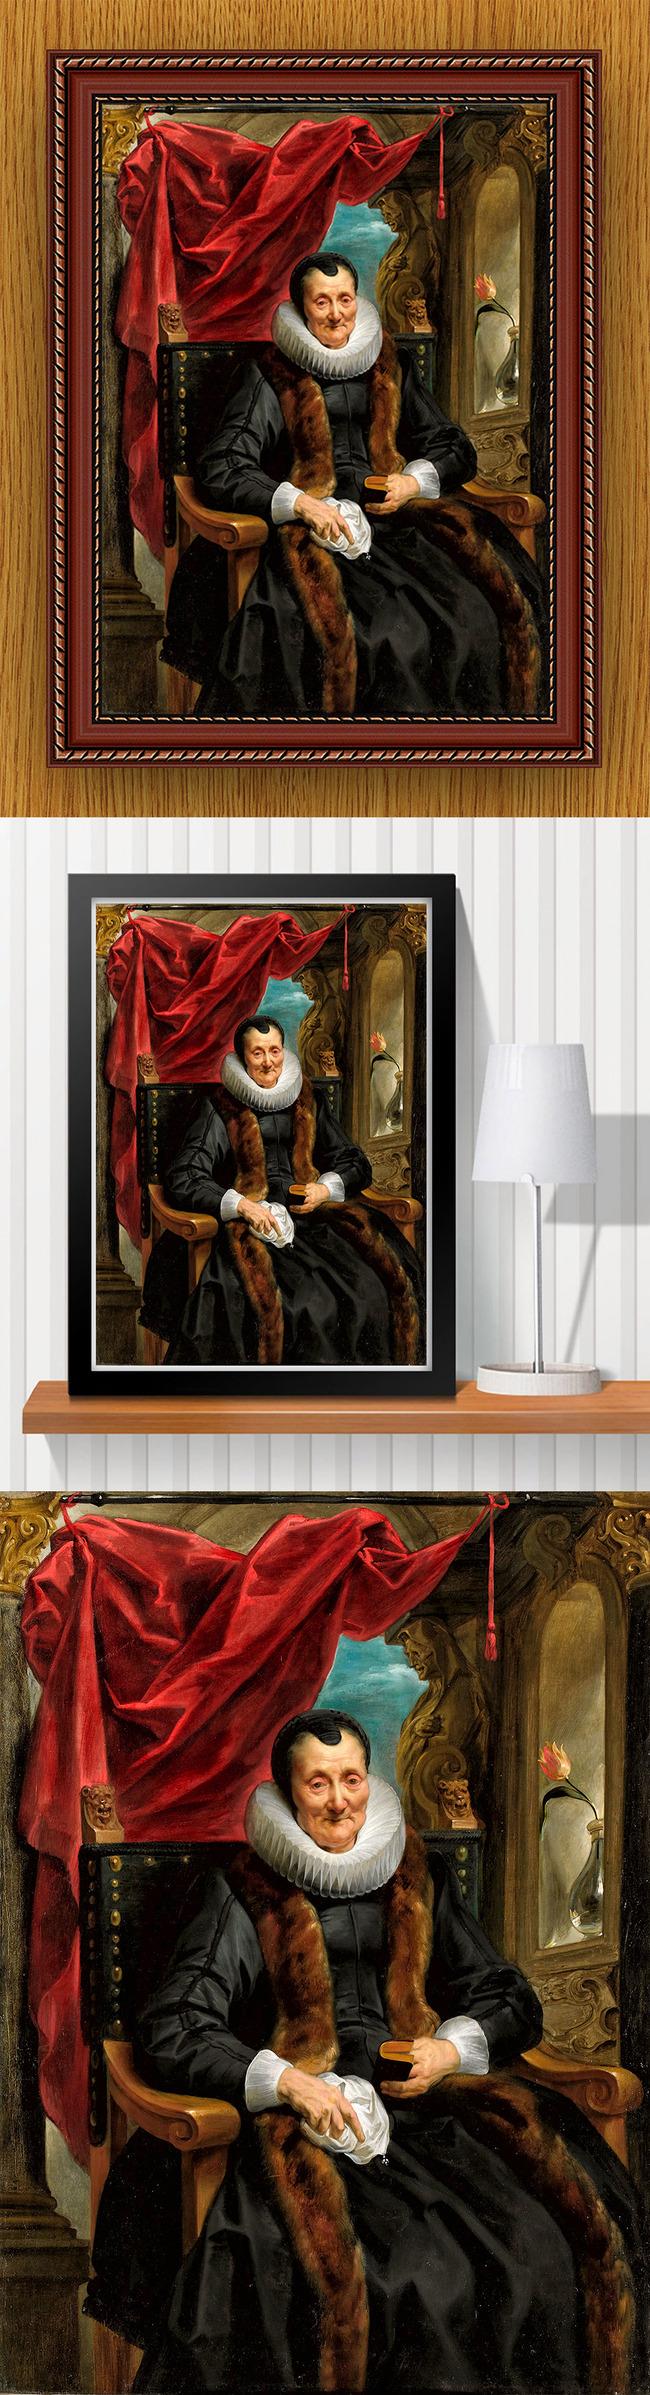 高清手绘欧式古典写实风格庄严老妇油画高清图片下载